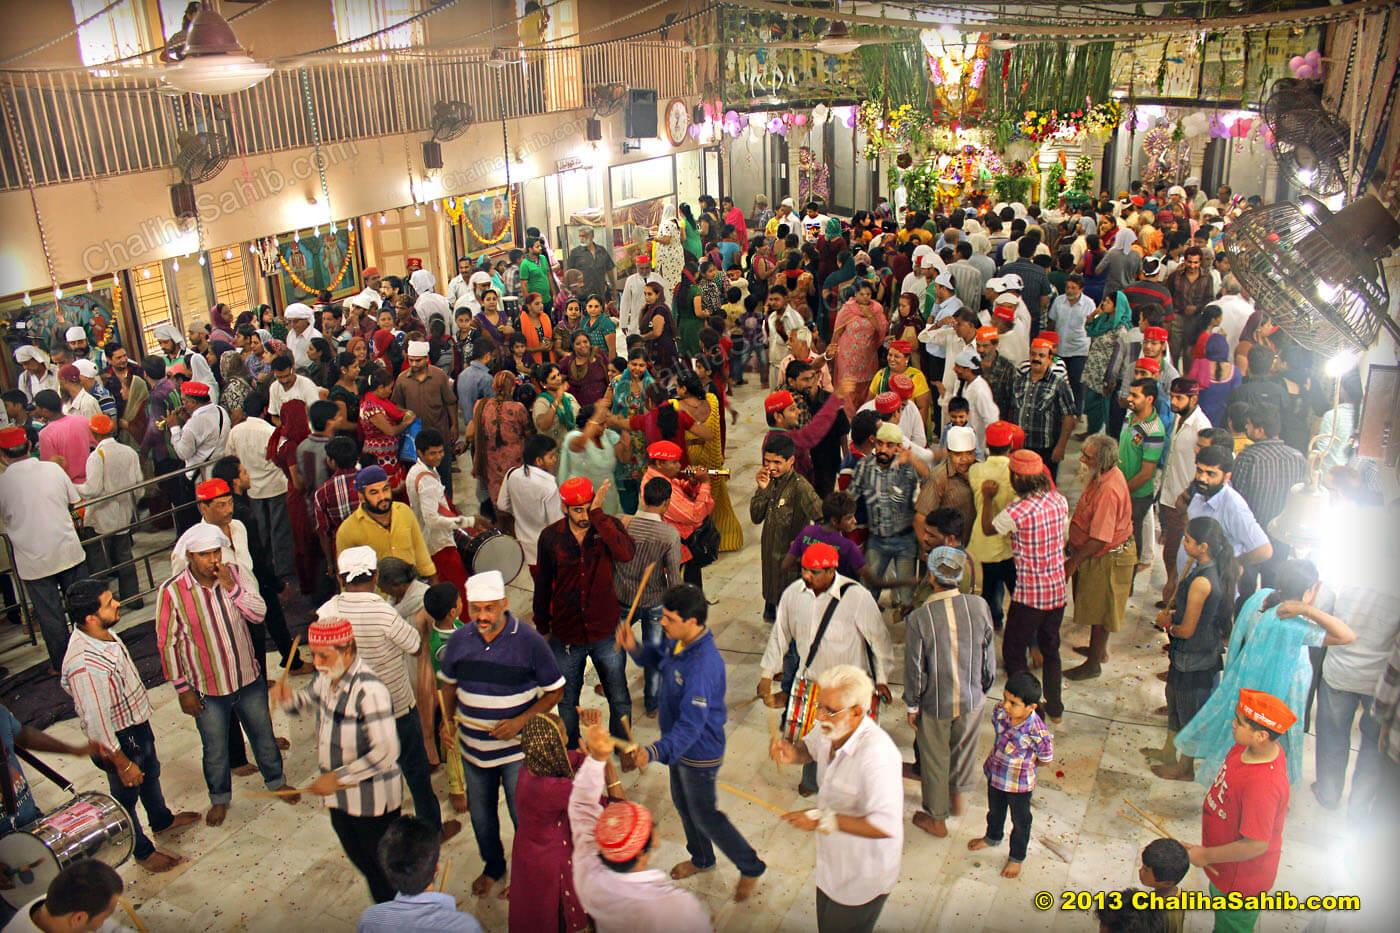 Palav Crowd Chaliha Sahib